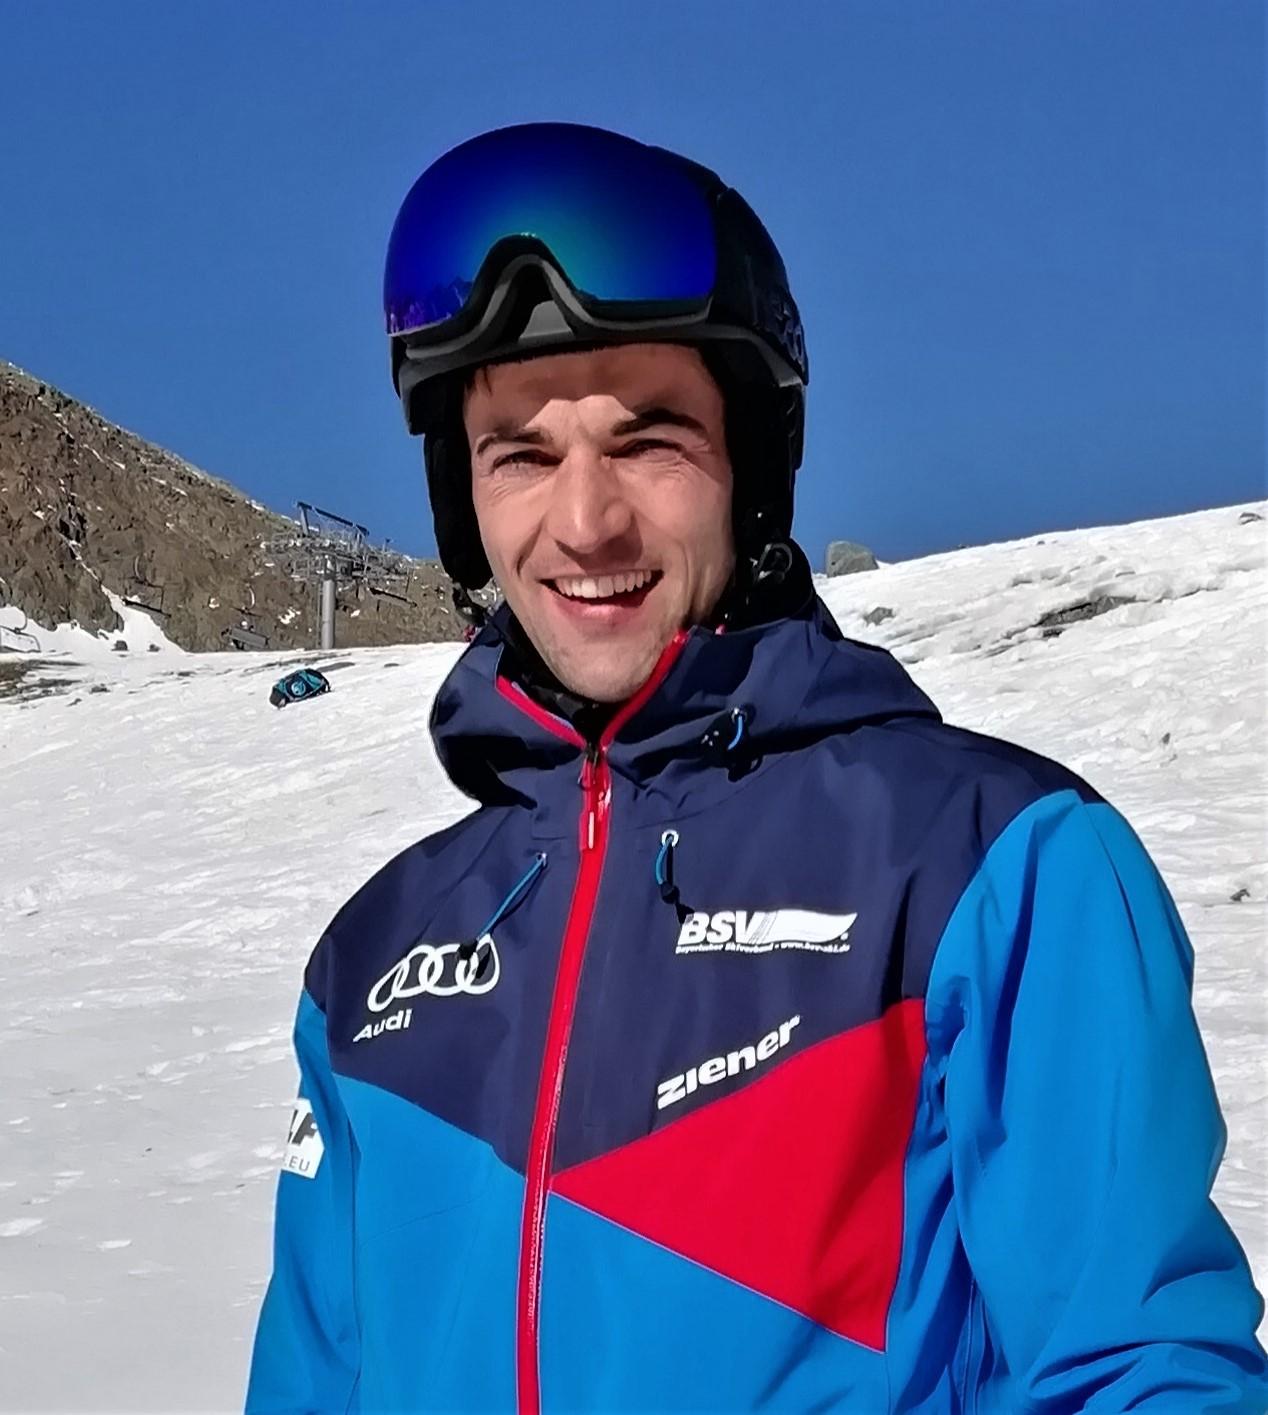 Martin Degele